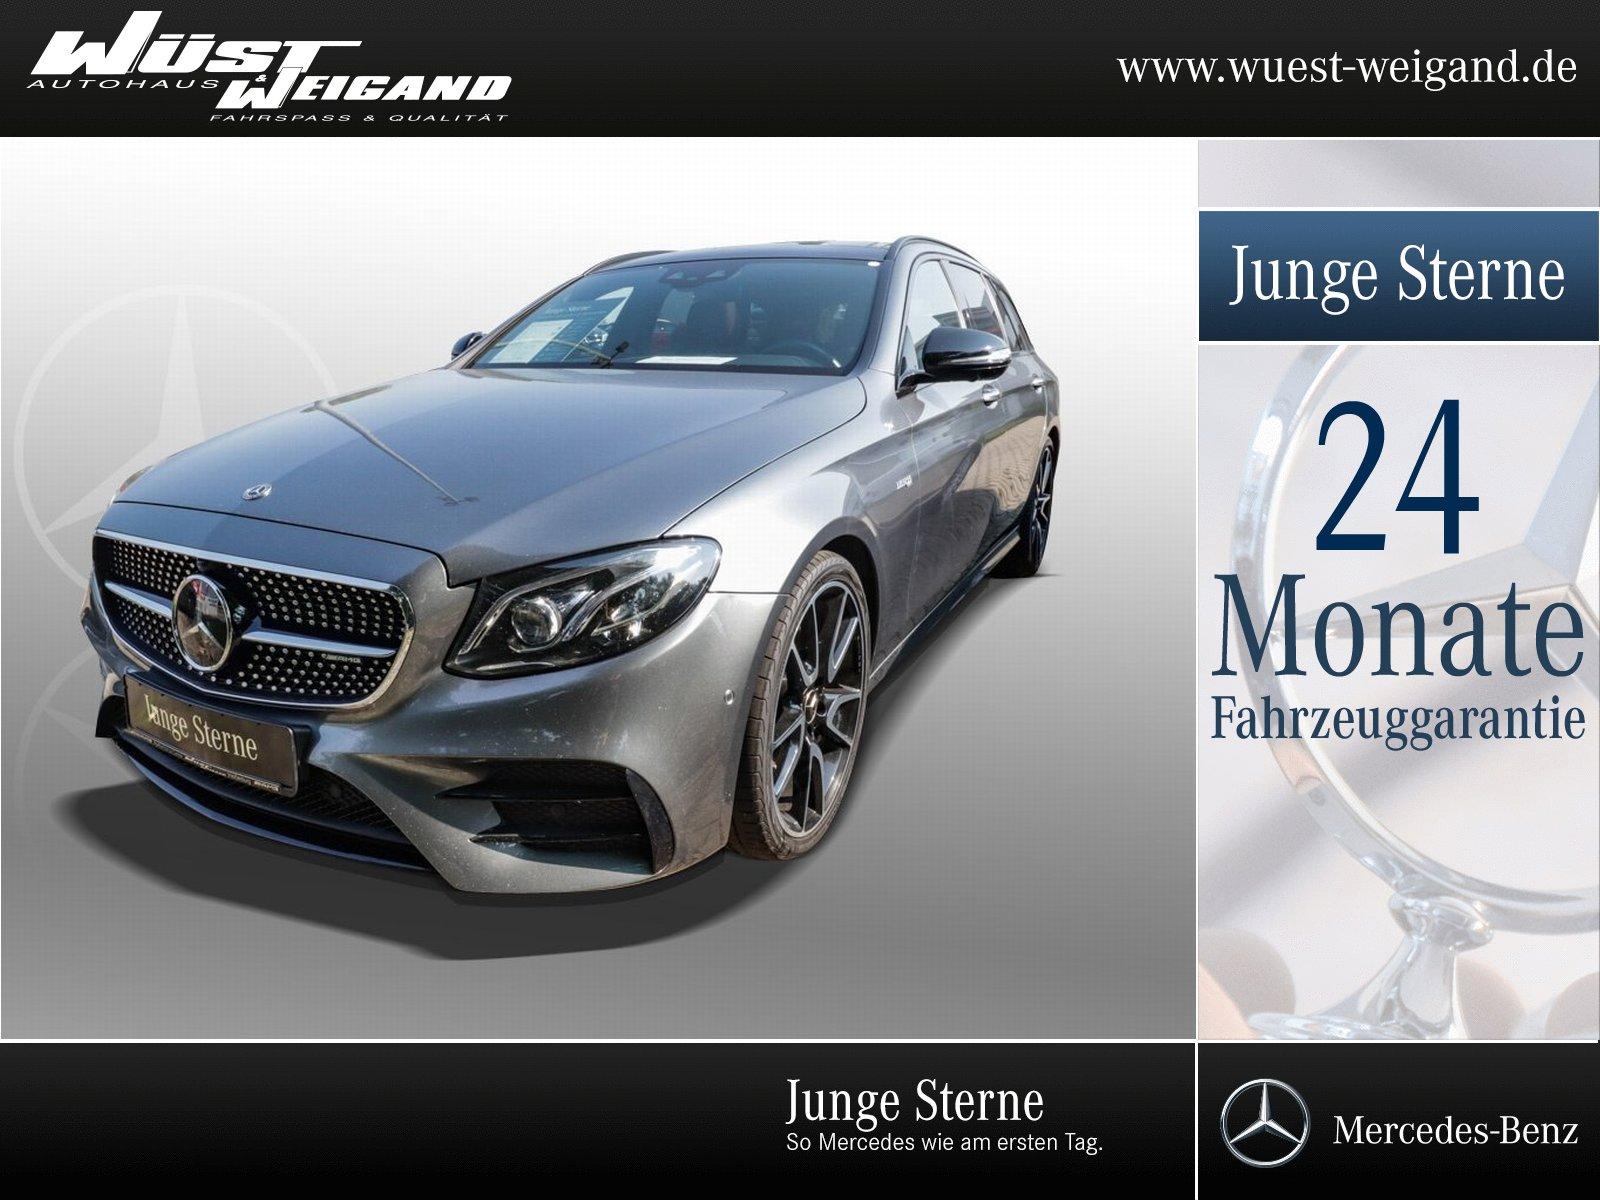 Mercedes-Benz E 43 AMG 4M T ILS+Distronic+360°+Pano+Comand, Jahr 2017, Benzin